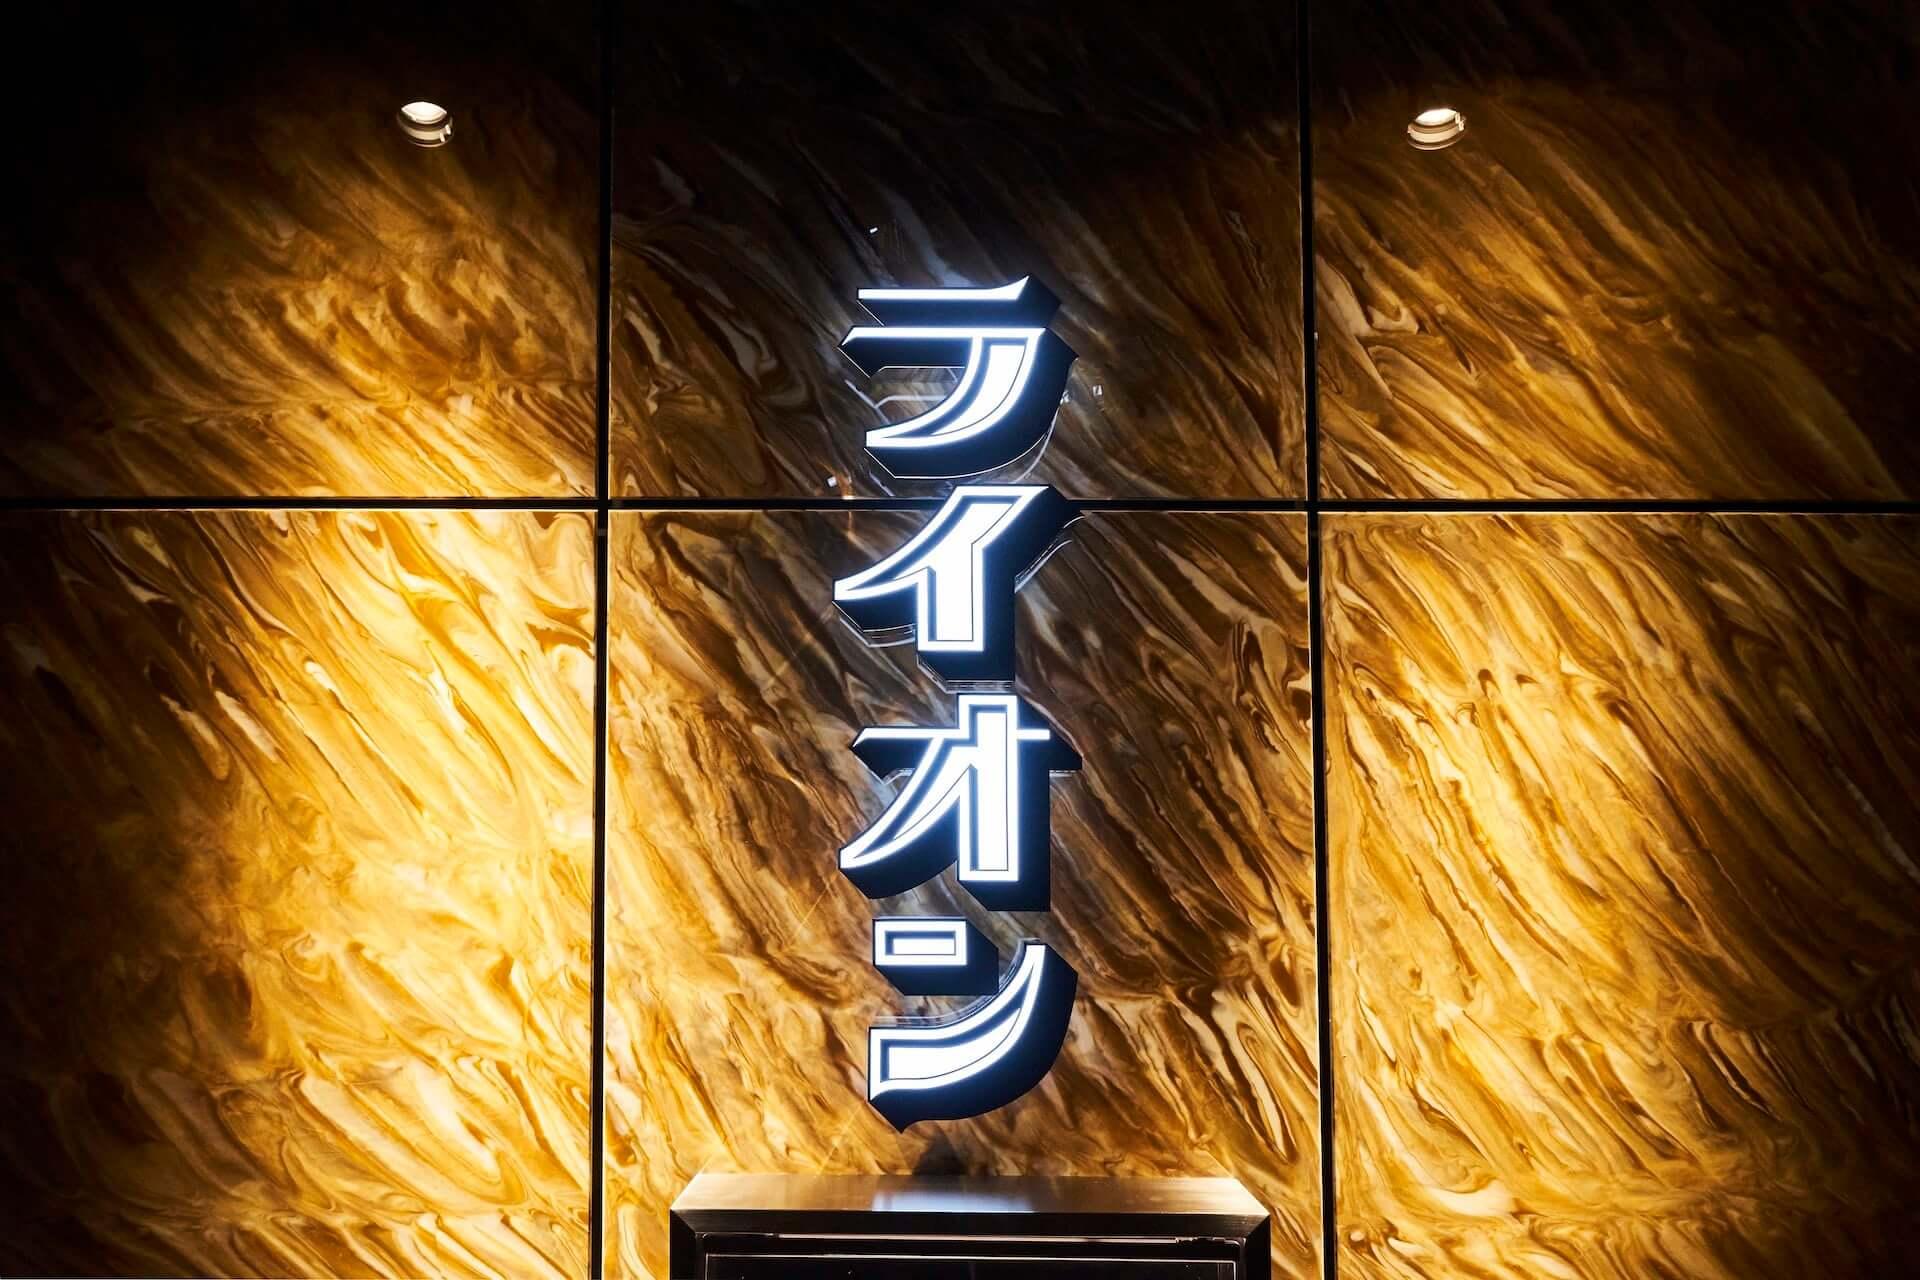 原宿発、en one tokyoとFLEMMINGによる会員制ミュージックバー「不眠遊戯ライオン」が始動|オープニングパーティーは明日開催 music200730_music_bar_lion_10-1920x1280